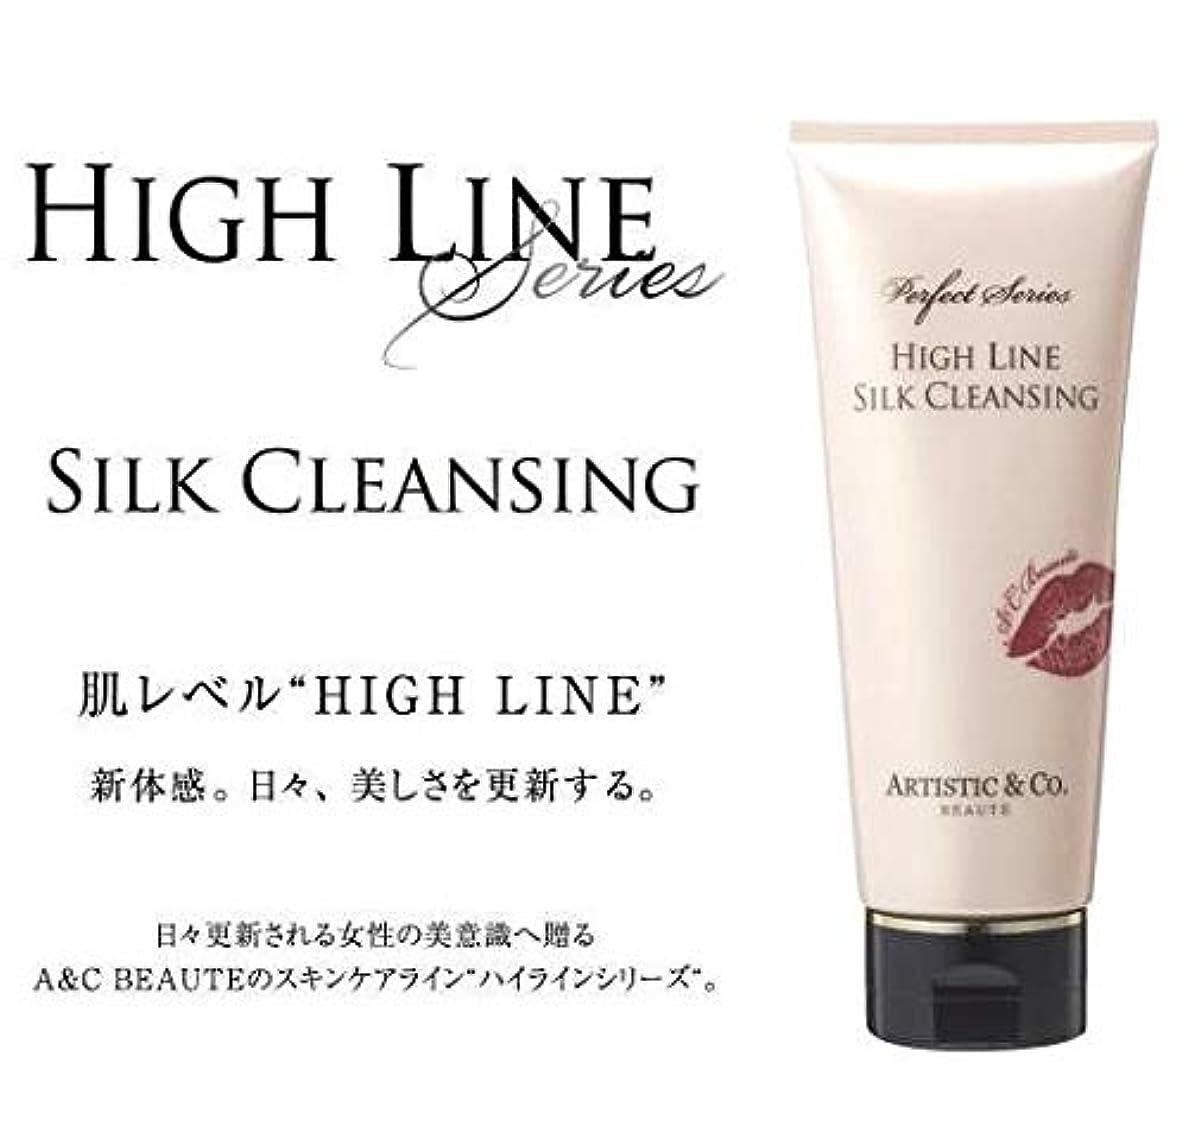 遅れ喪チャネルARTISTIC&CO. (アーティスティック) HIGH LINE SILK CLEANSING ハイライン シルククレンジングジェル 200g レディス メンズ洗顔 美容液クレンジング